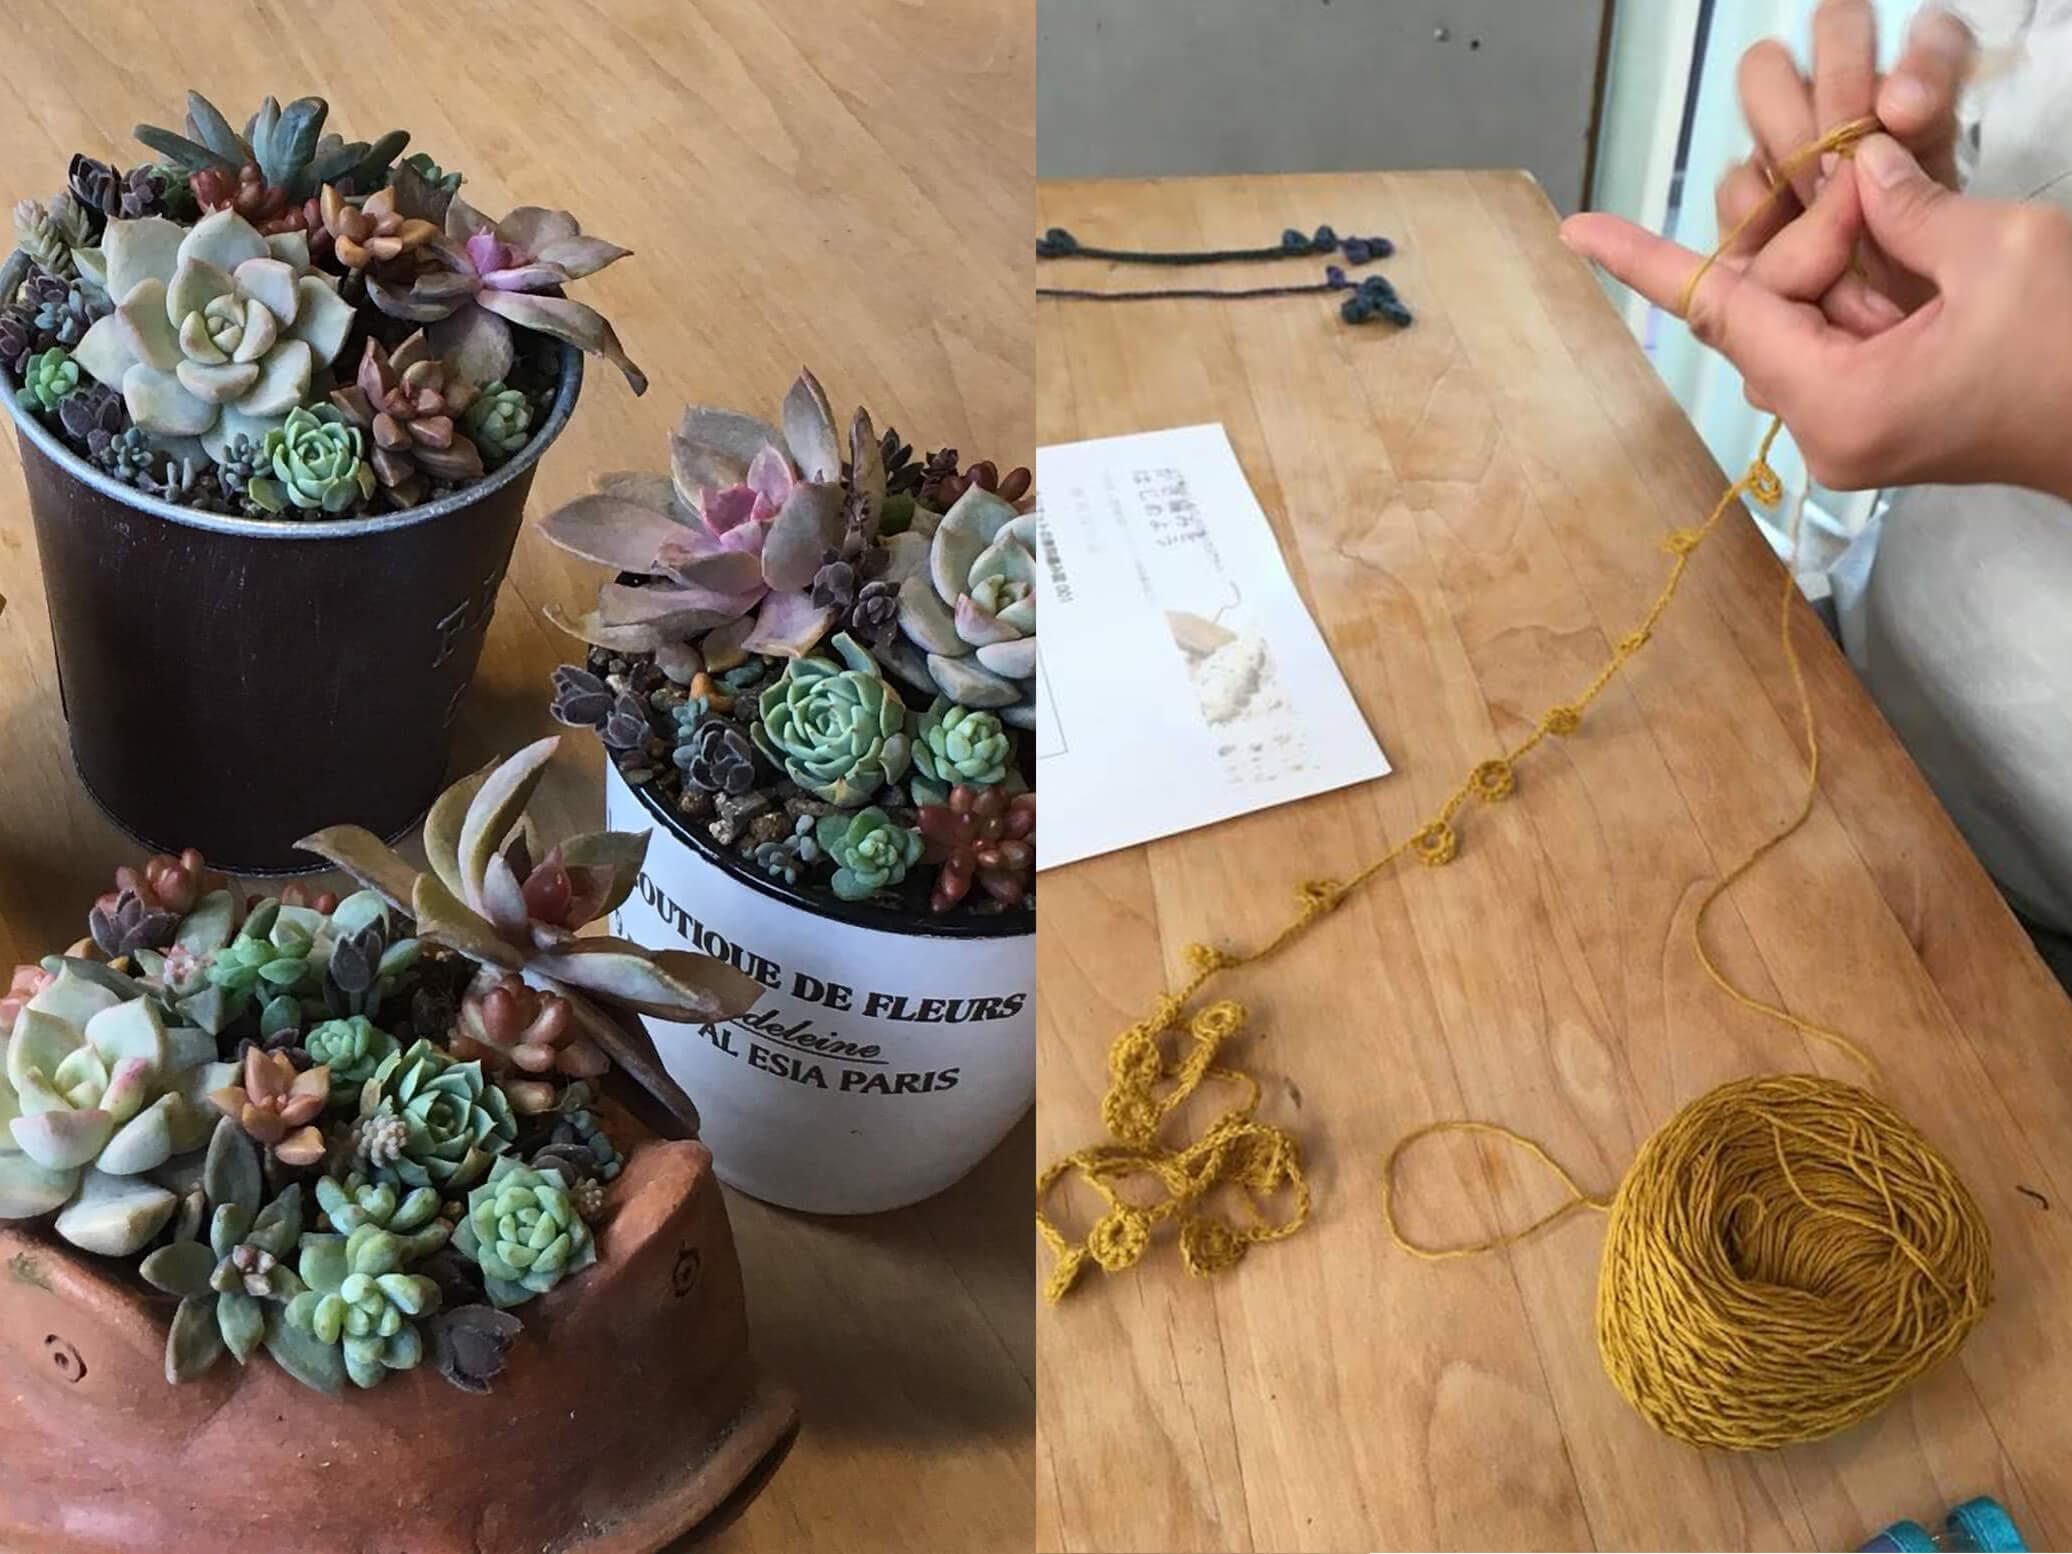 多肉植物の寄せ植え、かぎ針編みのワークショップ